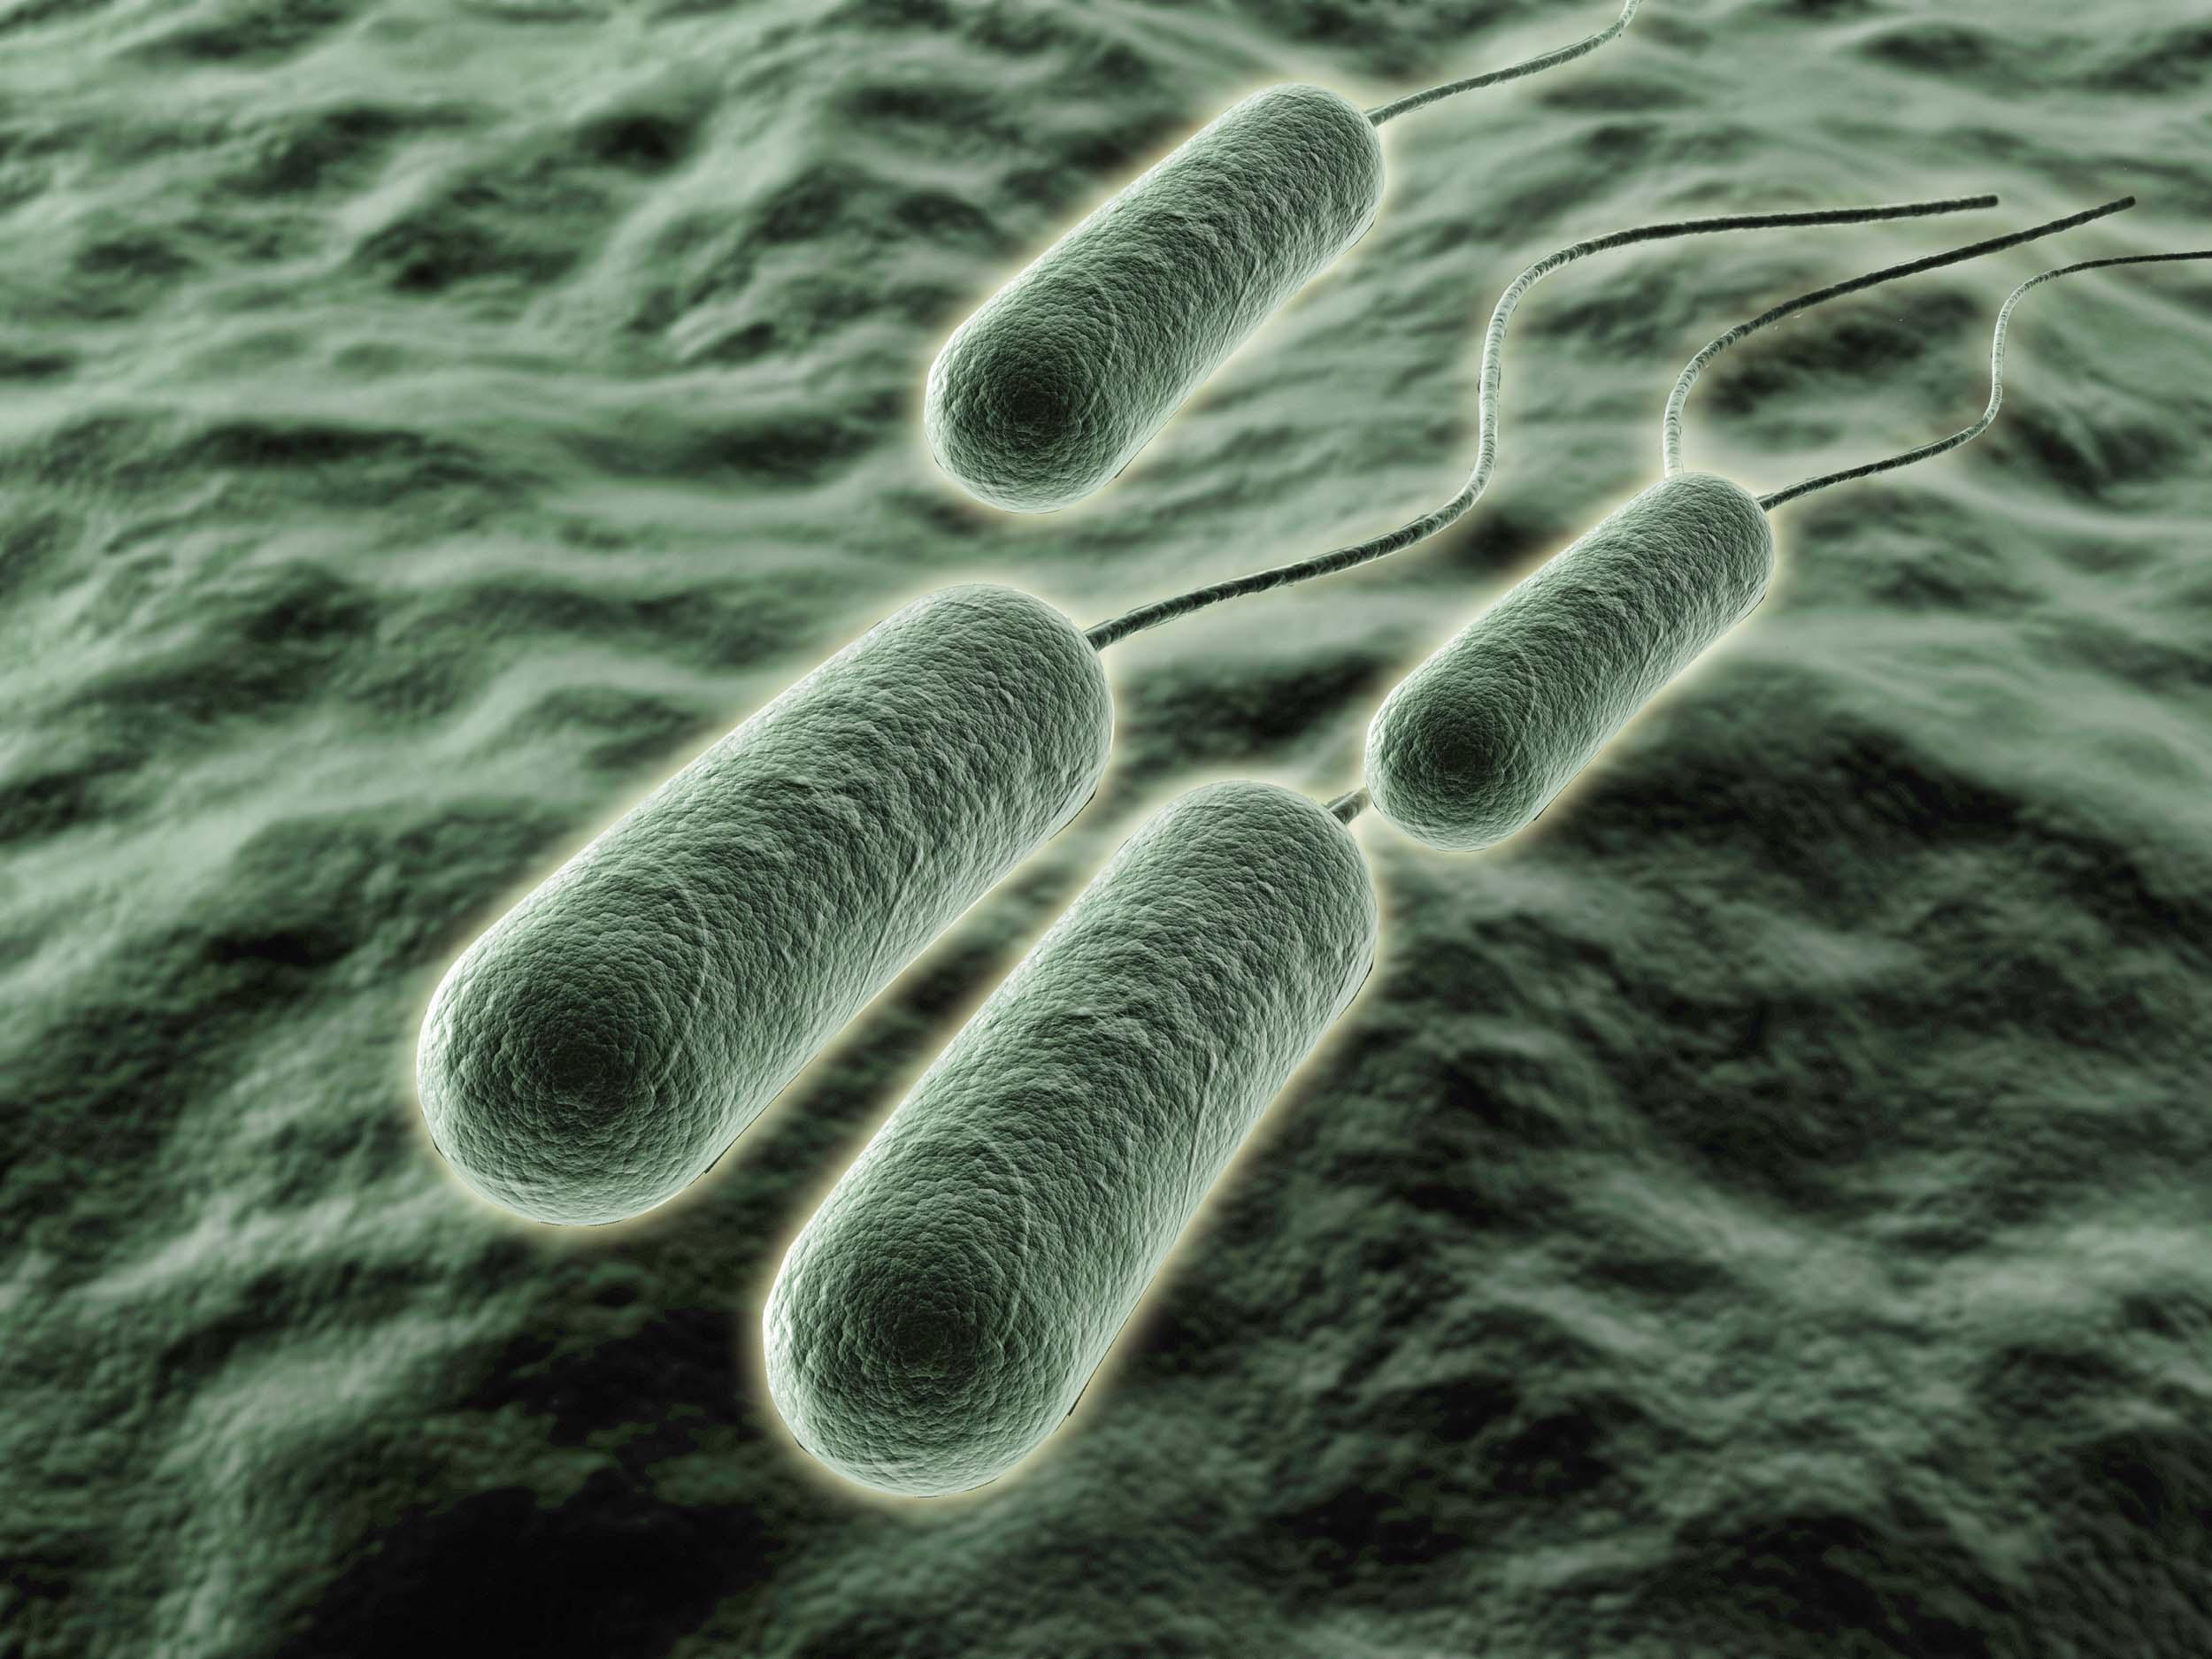 Multidrug resistant Pseudomonas aeruginosa 65453743 1